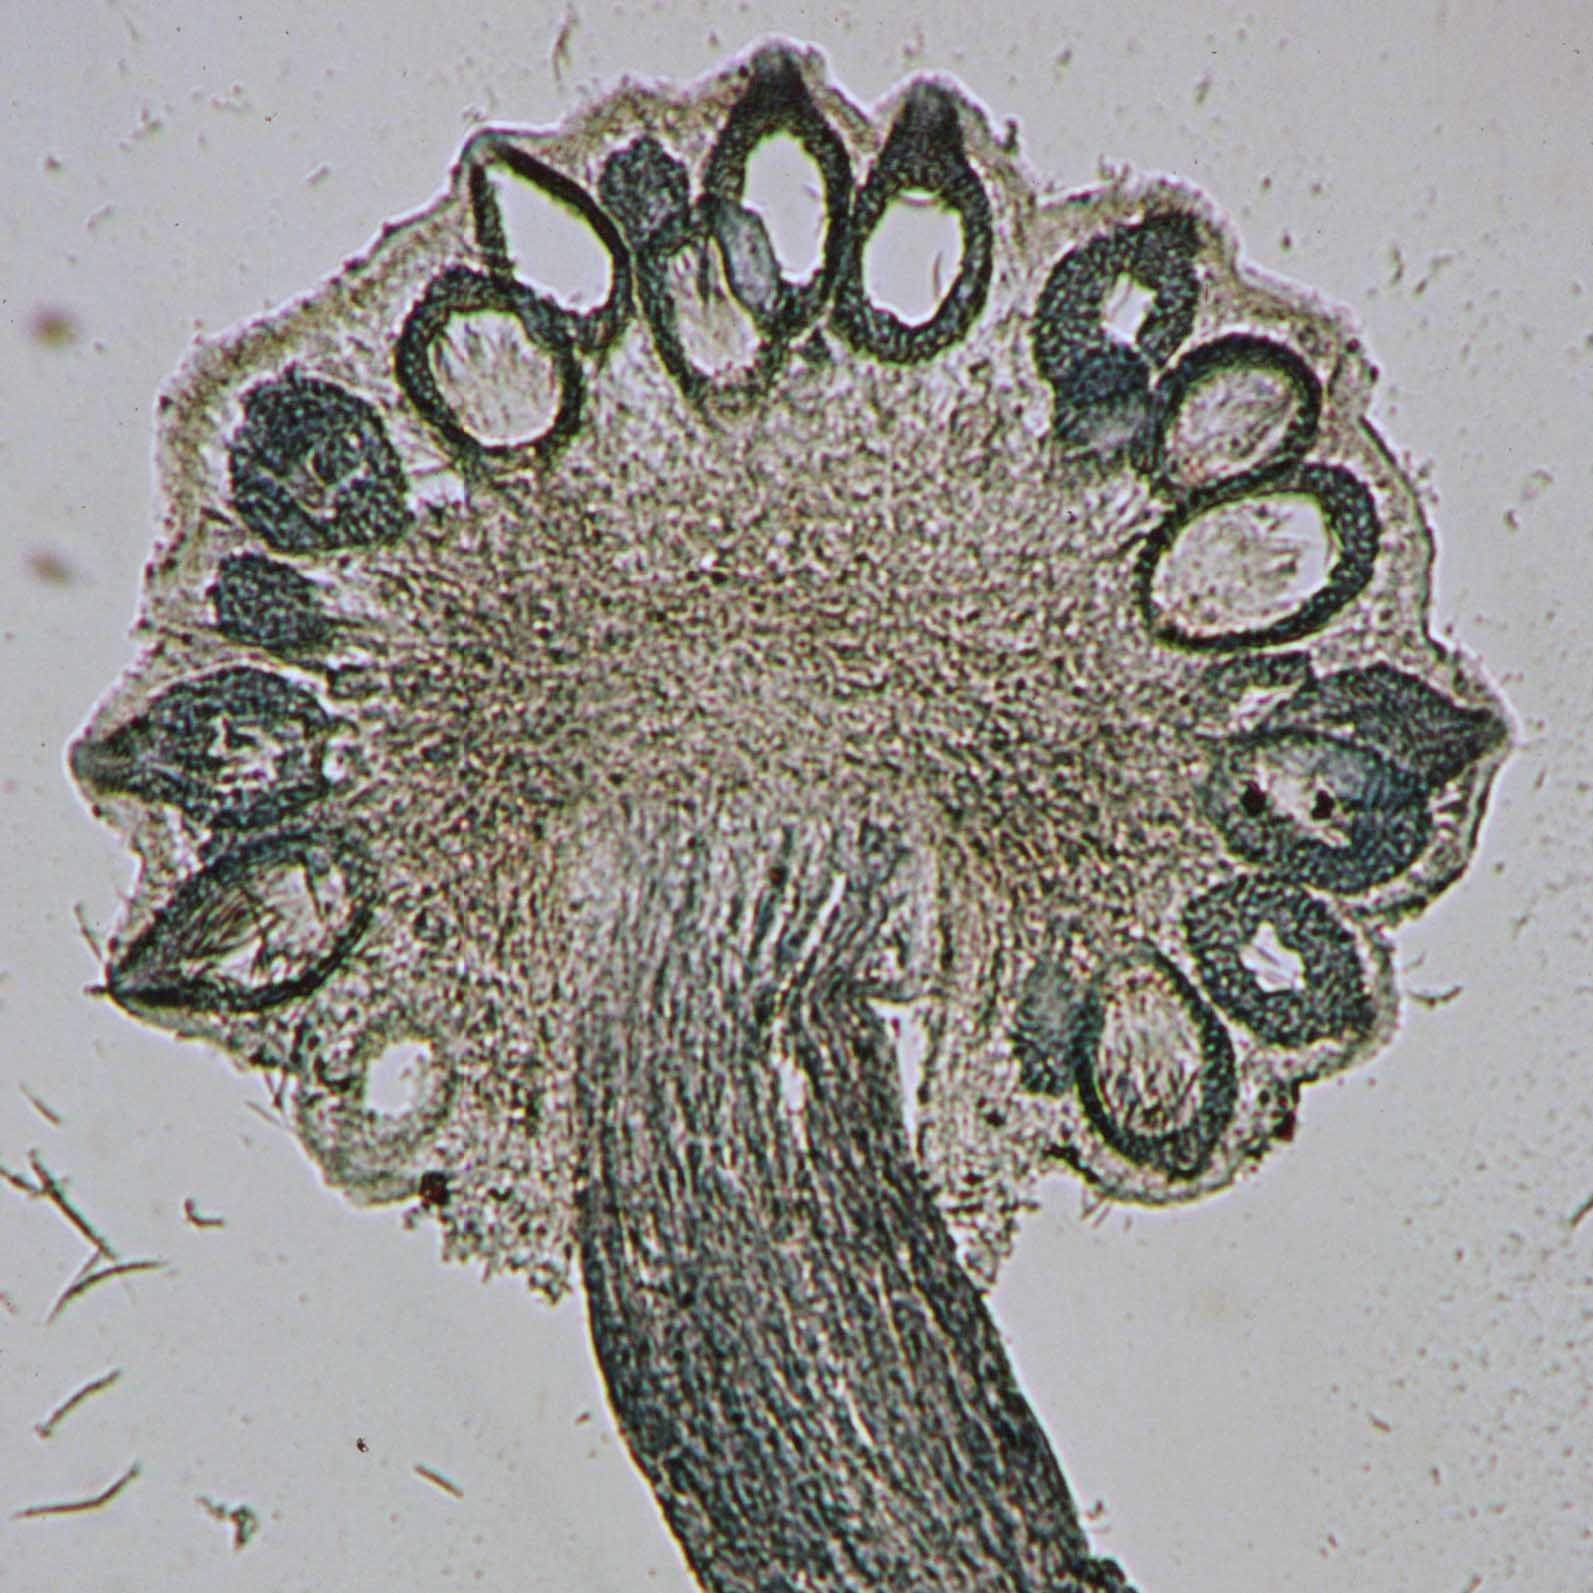 Jenis-Jenis Fungi dan Peranannya | Vilya Han